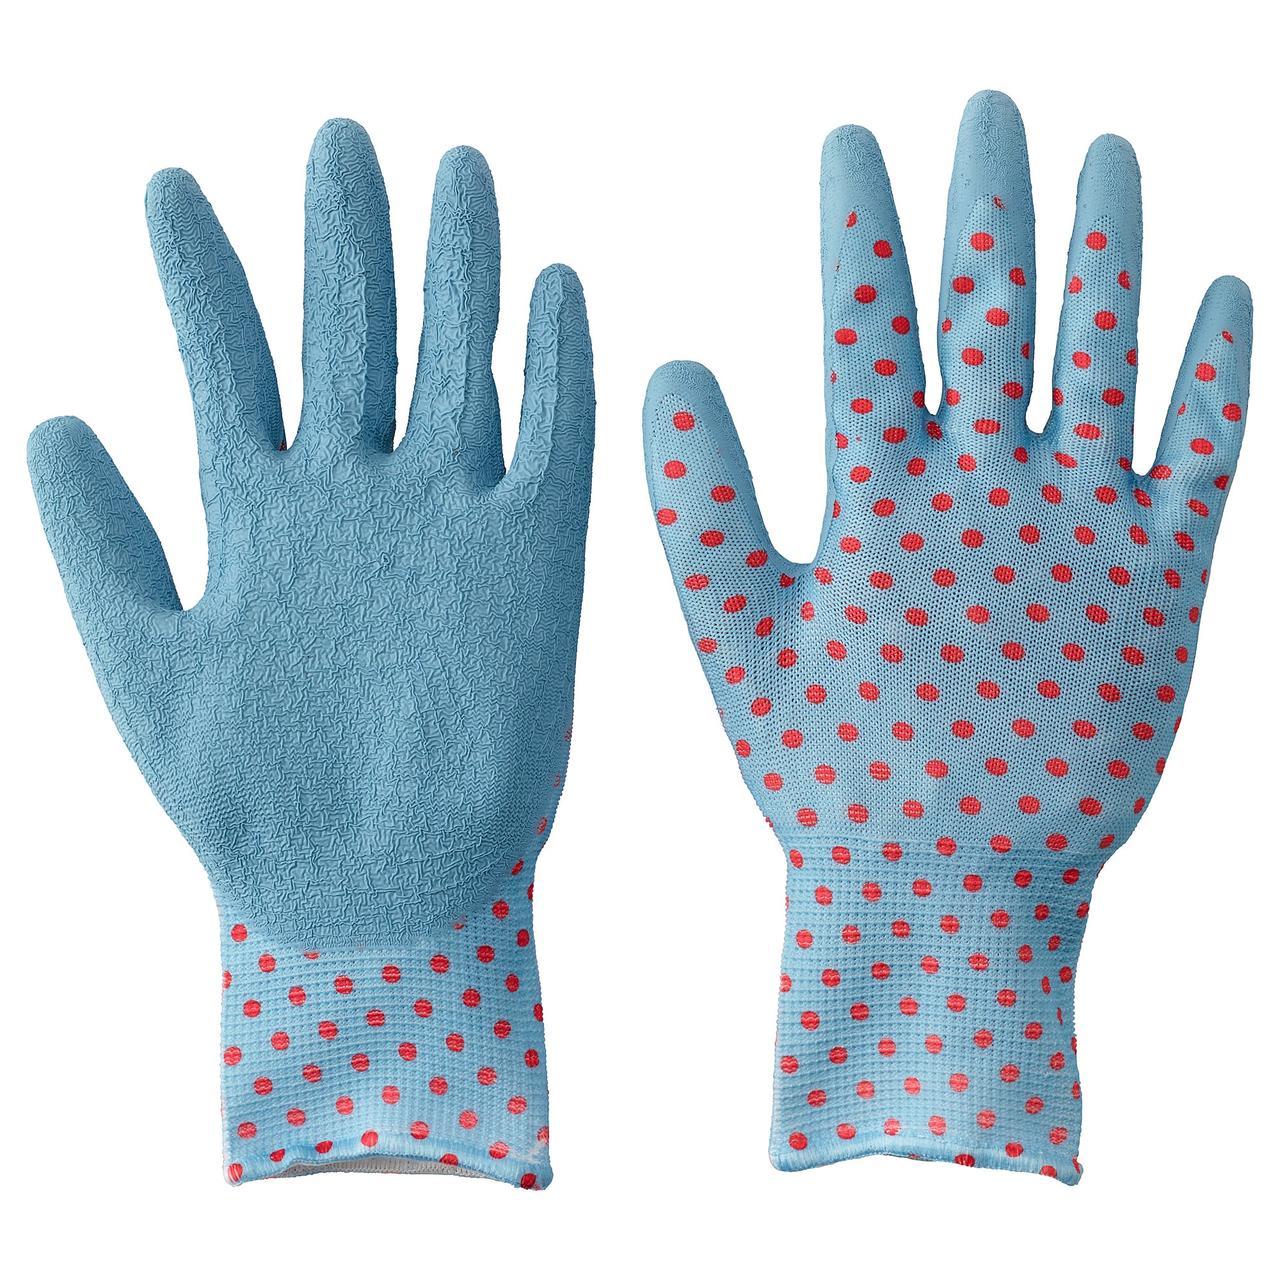 КРИДНЕЙЛИКА Садовые перчатки, красный, синий